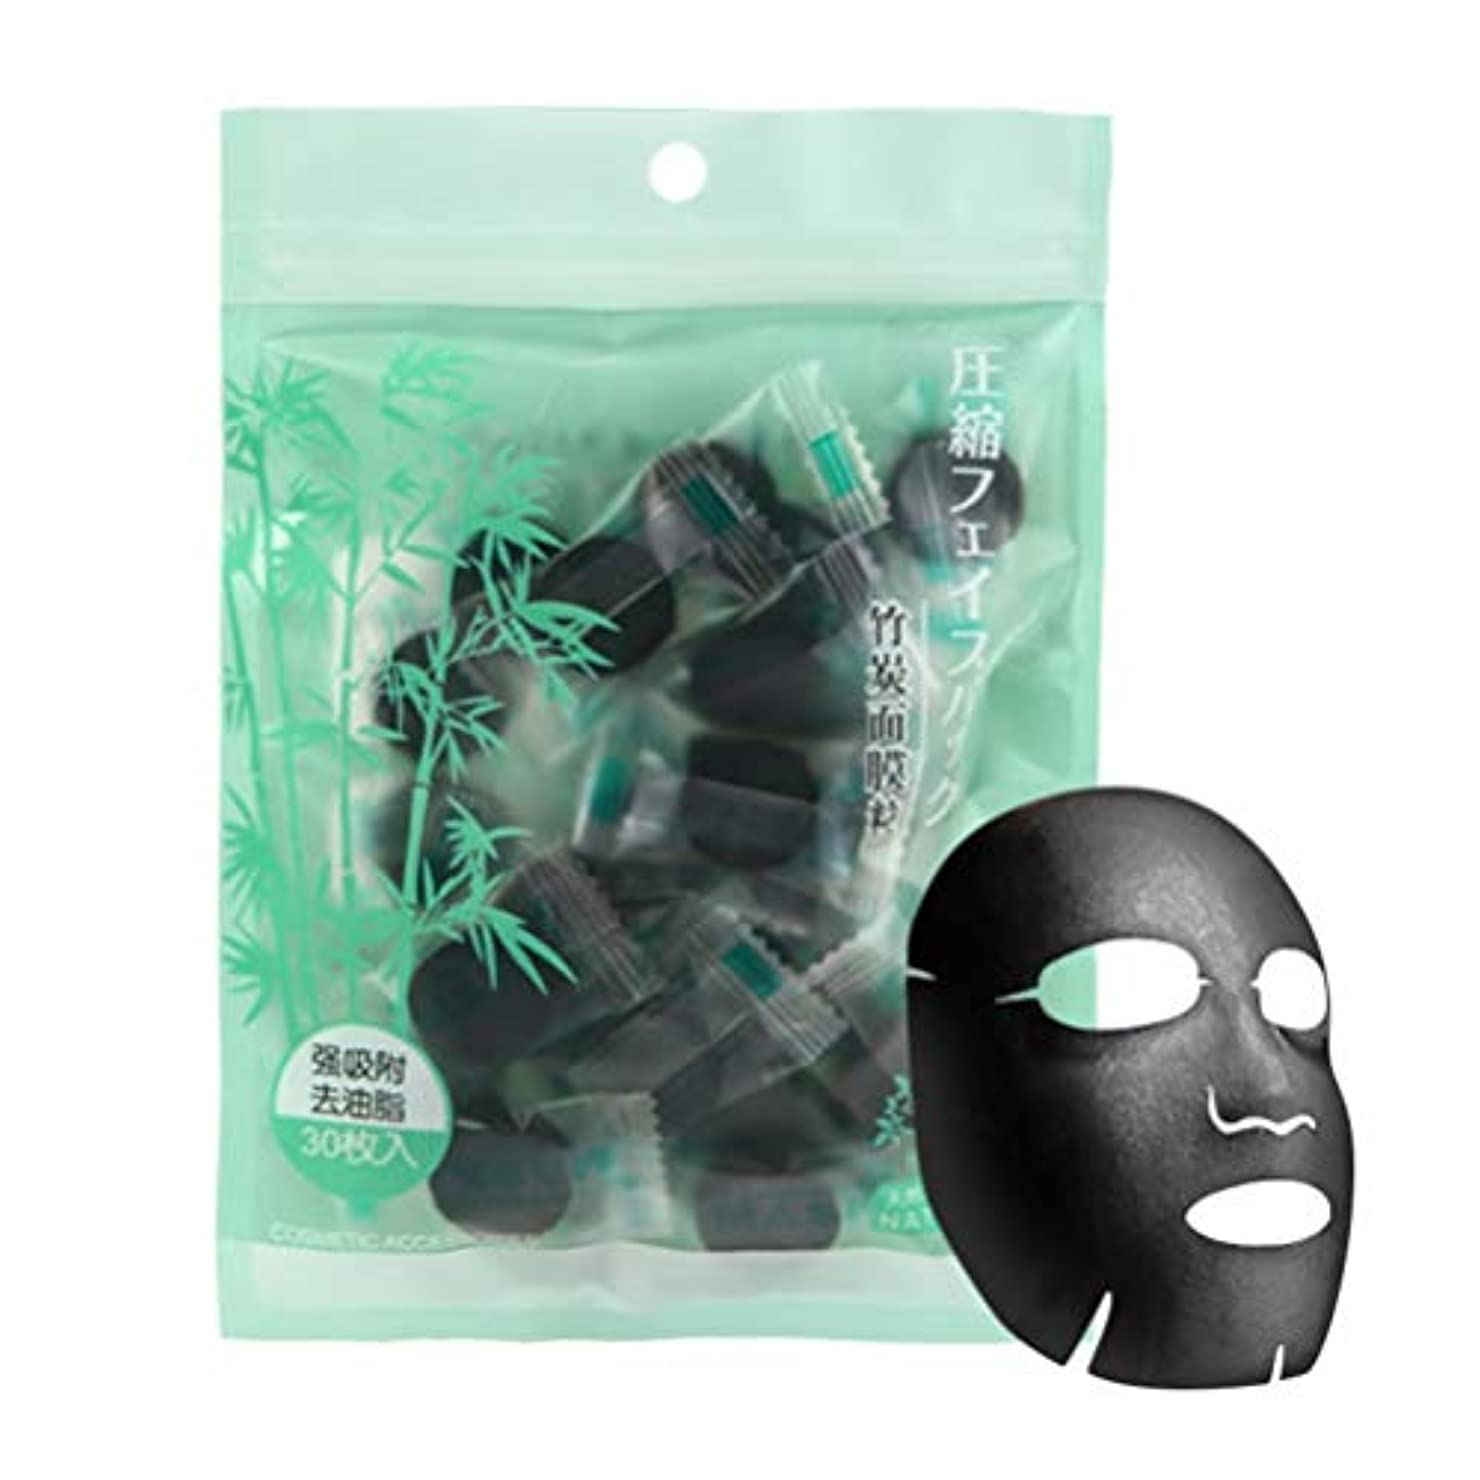 温室エールあいまいなHEALLILY 30ピース使い捨てフェイシャルマスクDIY天然竹炭圧縮フェイシャルマスクシートスキンケアマスク